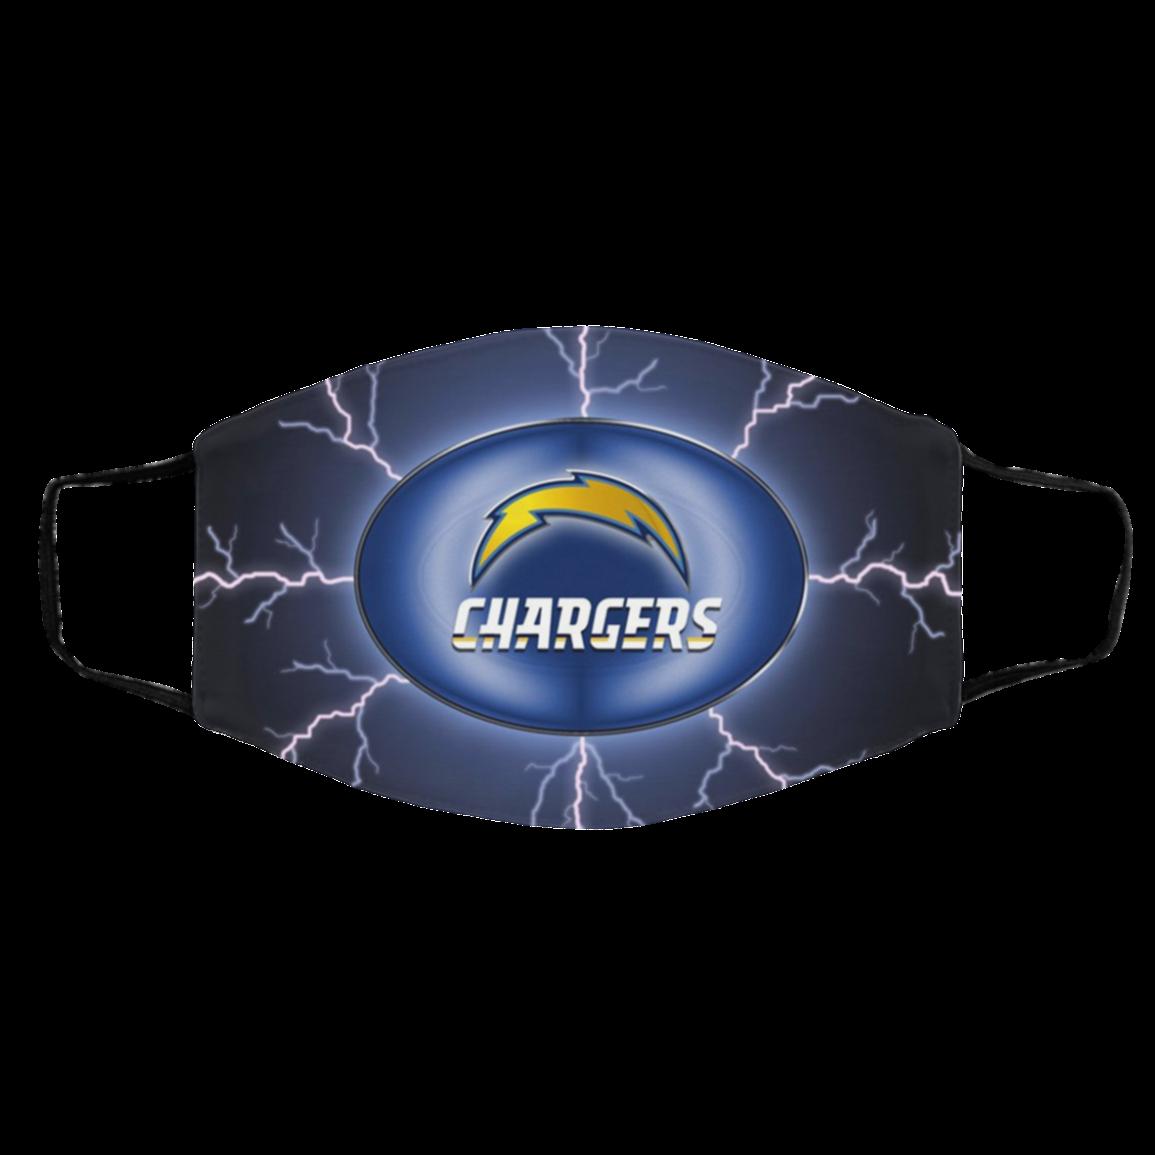 Logo L-os An-ge-les Ch-arger-s L-A Face Mask 2020